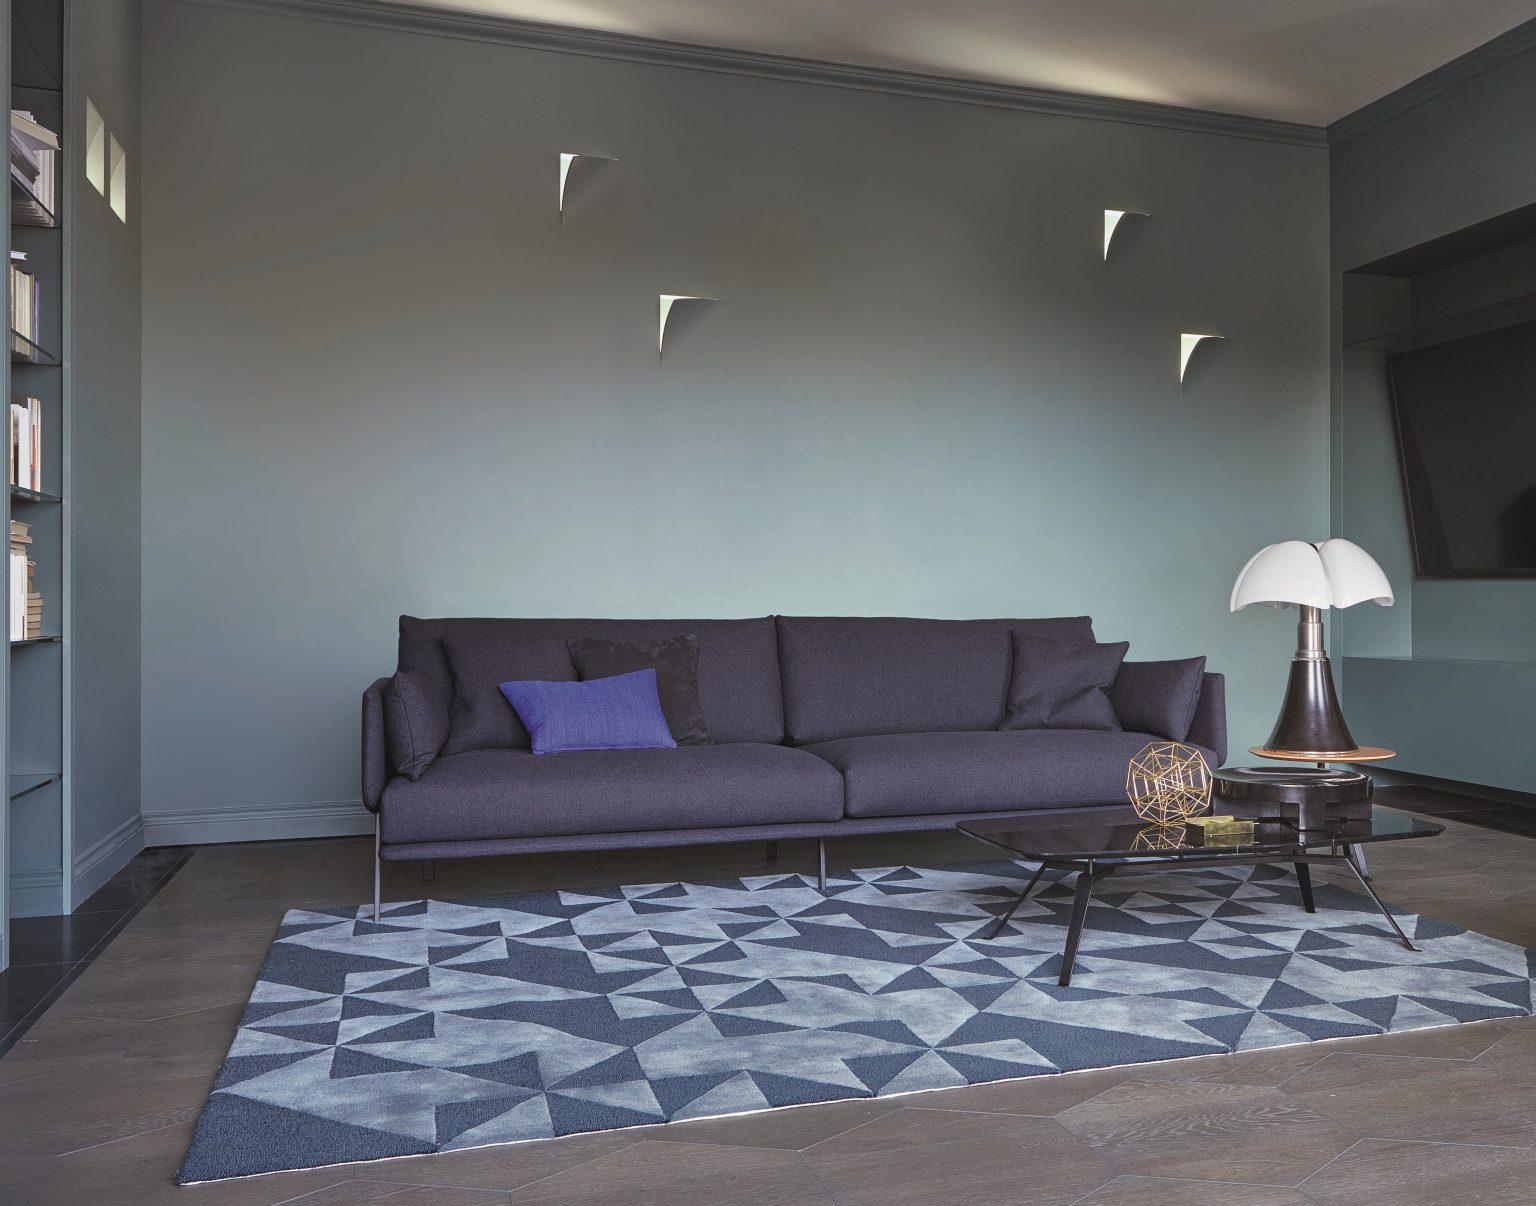 Biennale Interieur - Belgium's leading design and interior event - Structure-sofa-3.jpg